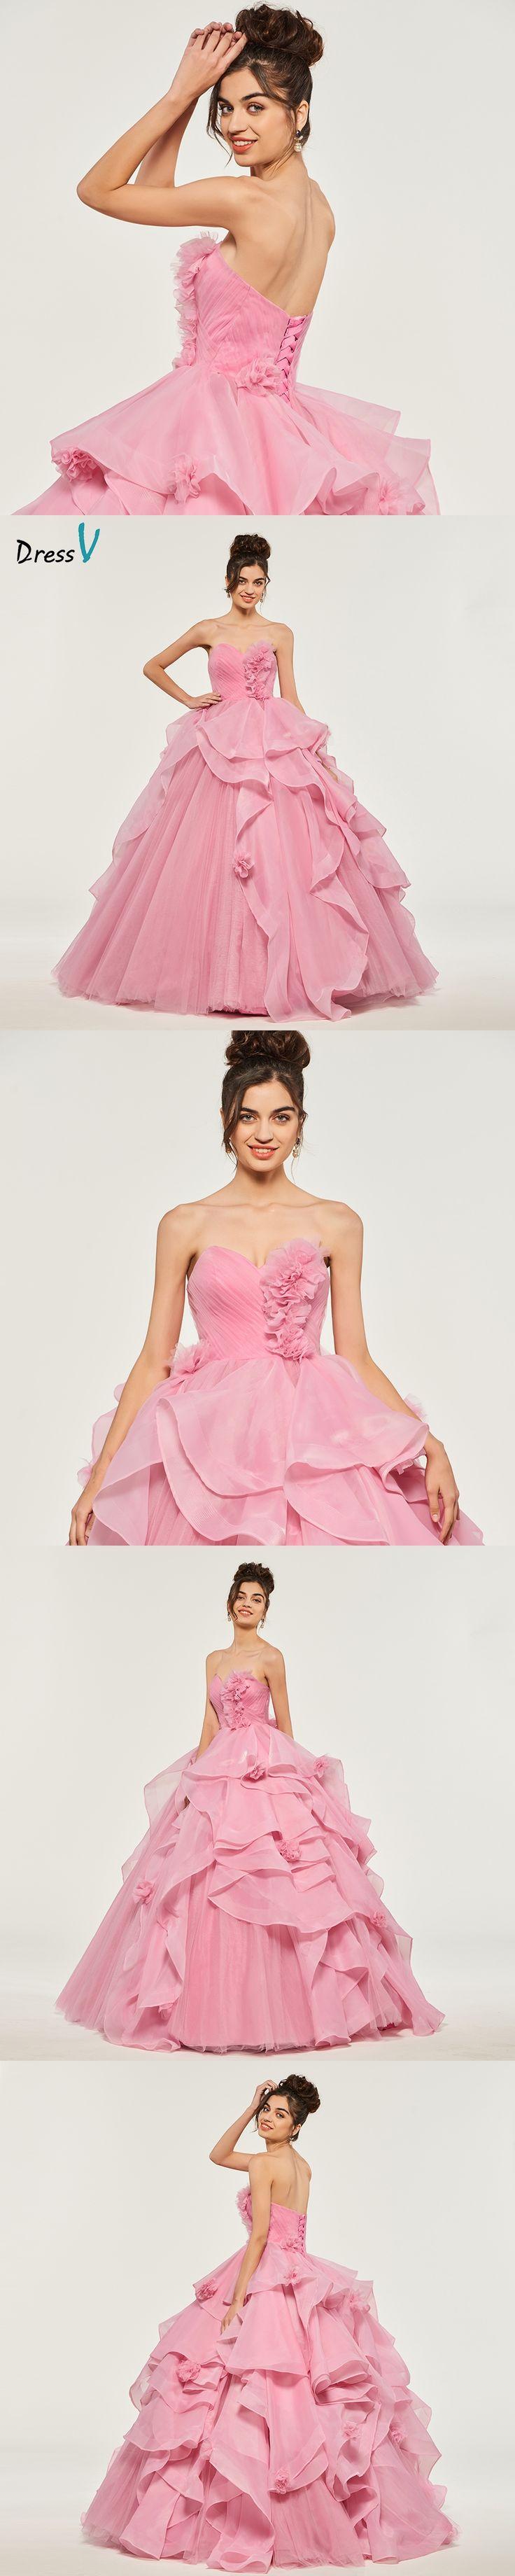 Bonito Vestidos De Fiesta Tiffany Uk Bandera - Colección de Vestidos ...